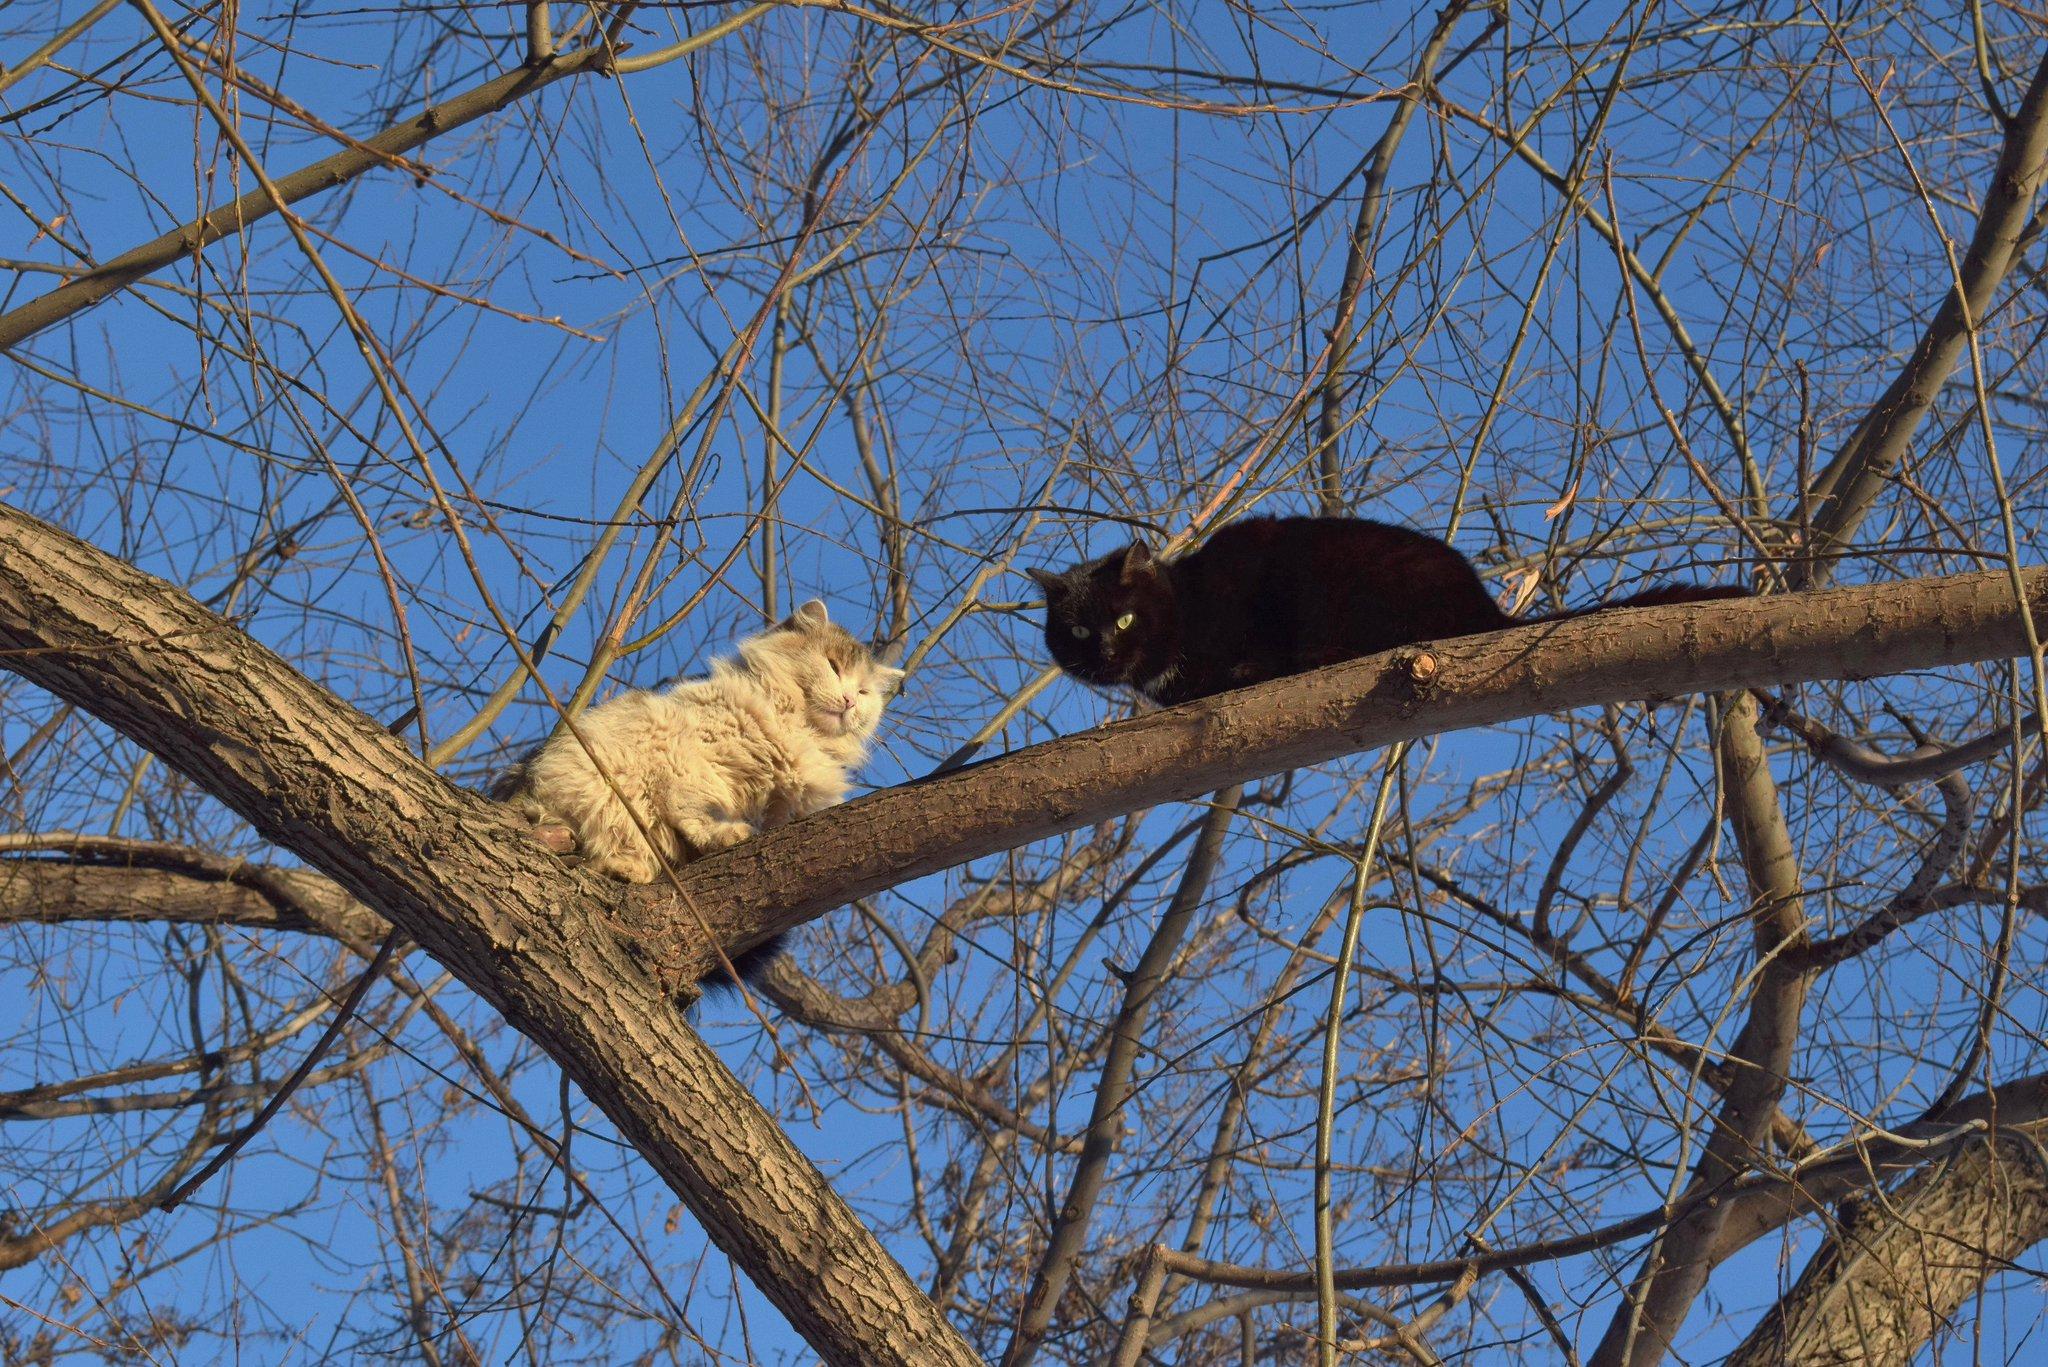 замесов картинки коты прилетели візерунку